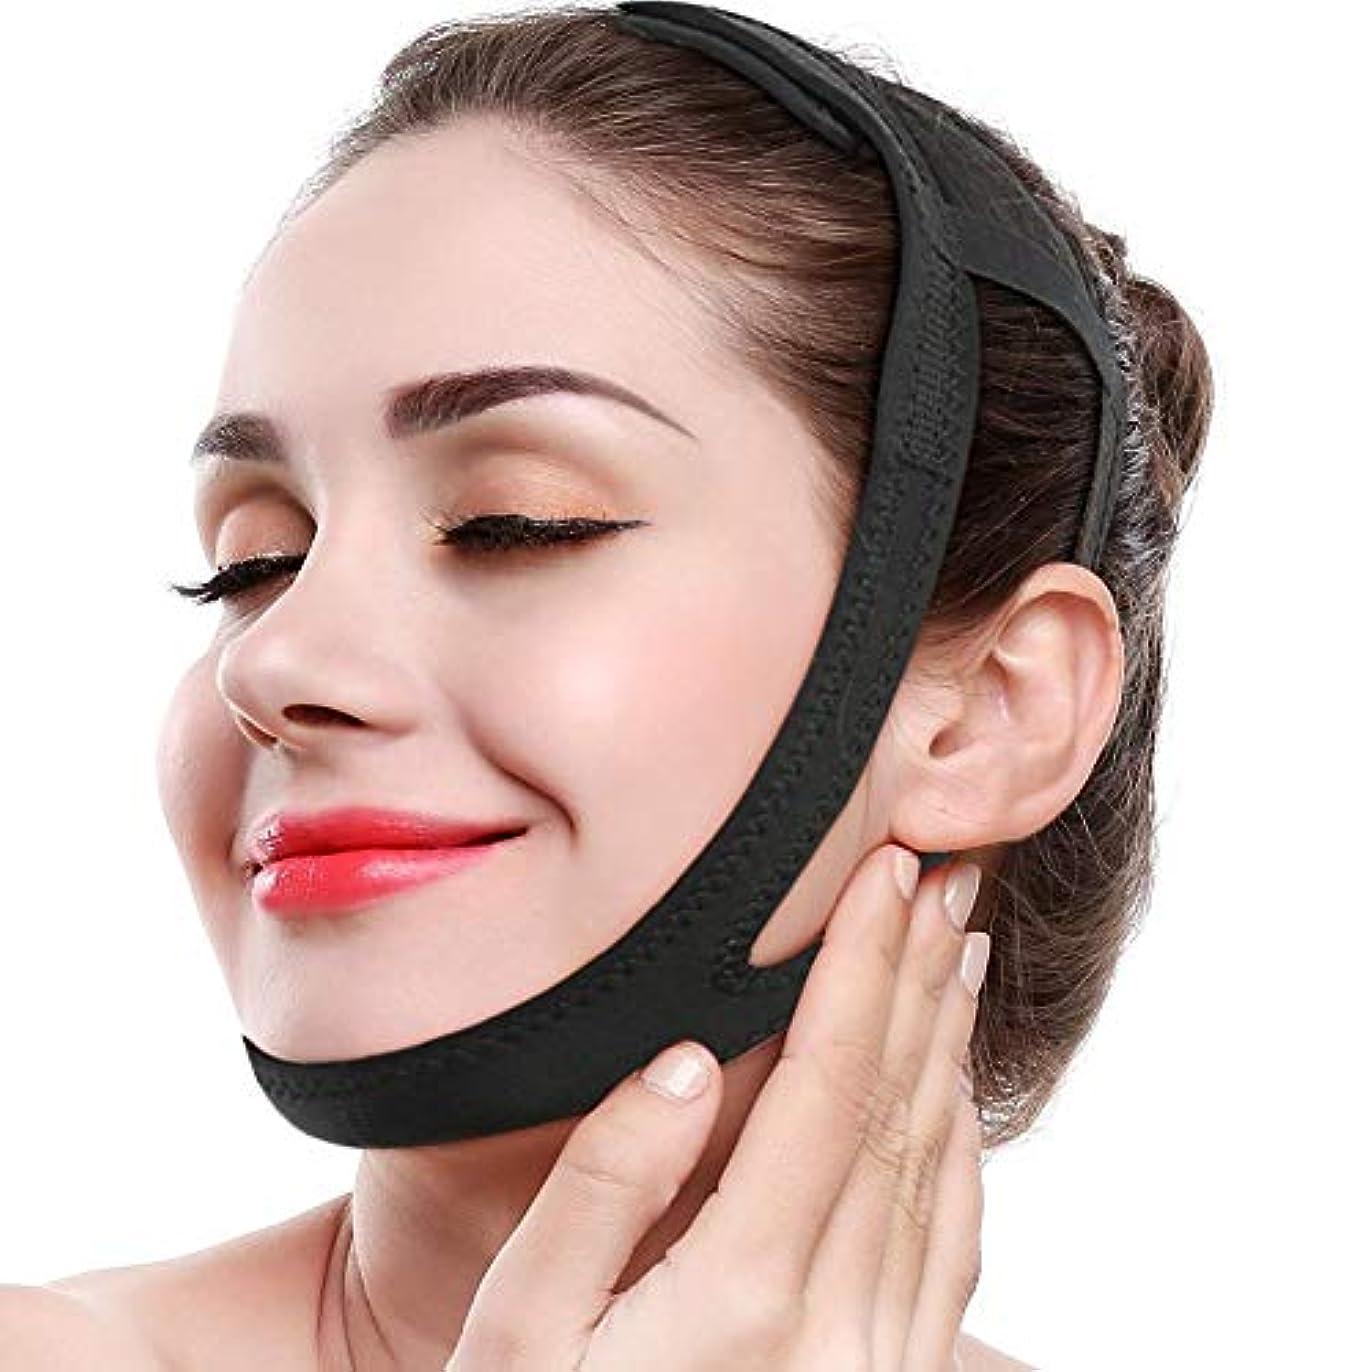 近代化振り返る毎月顔の細くの薄い表面マスク、持ち上がる表面ベルトは顔の包帯のための二重あごの引き締まった肌の抵抗の形のVライン減量を減らします